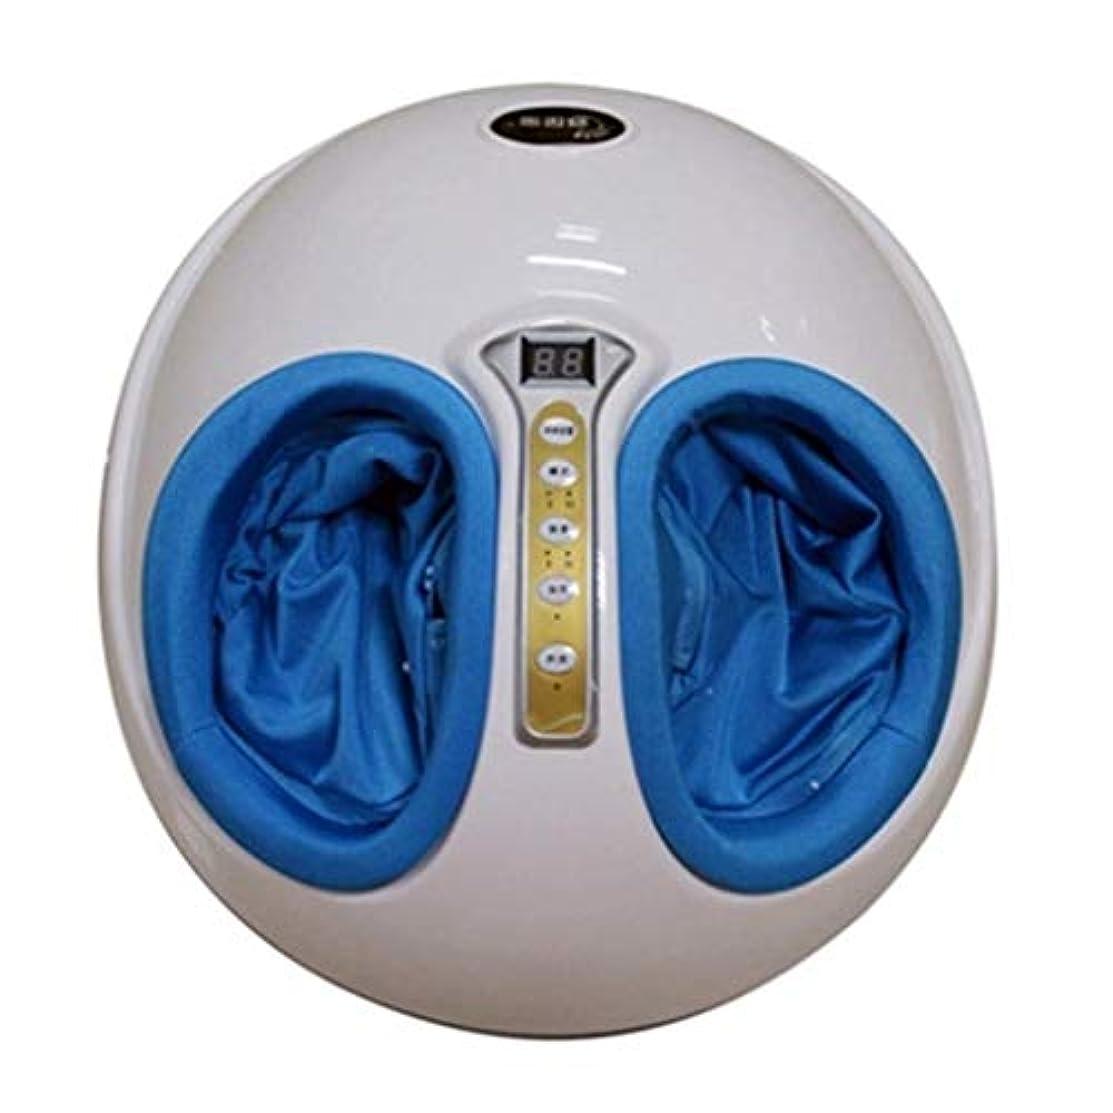 簡単なリップ年金フットマッサージャー、電動マッサージャー、3D指圧Pressureみマッサージ/加熱、赤外線フットケアマシン、減圧とリラクゼーション療法、痛みを和らげ、血液循環を促進